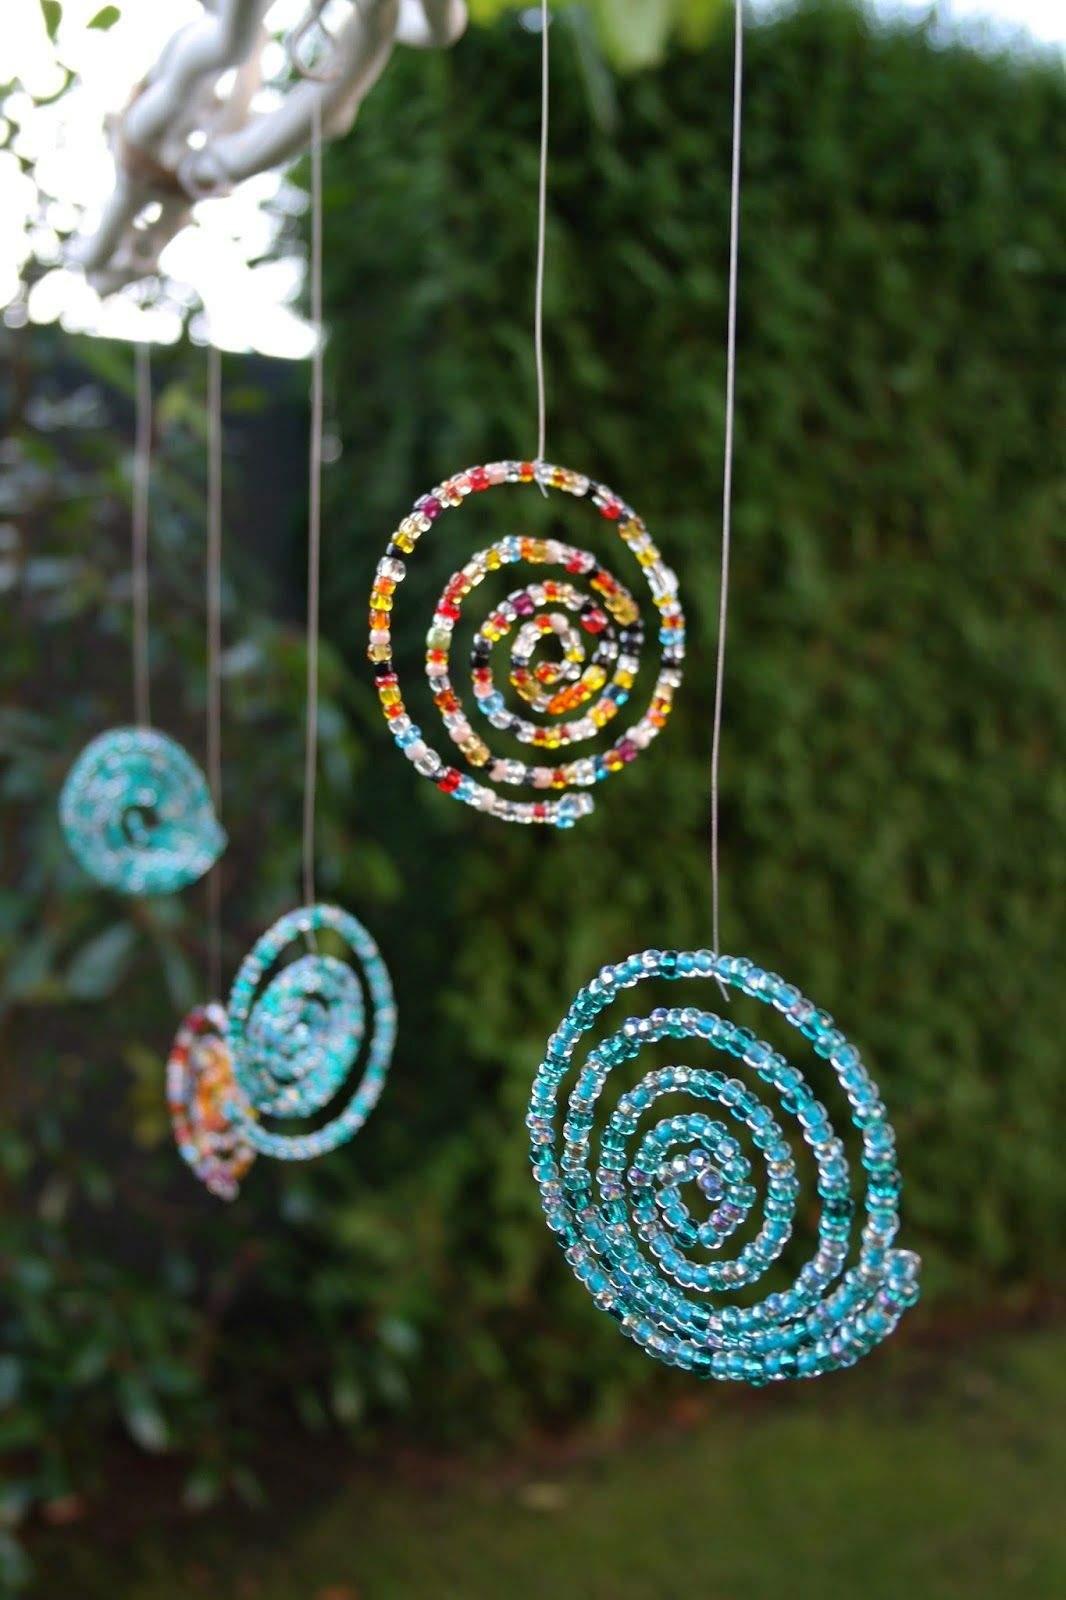 Vogeltränken Für Den Garten Elegant Windspiel Mit Perlen Für Den Garten Diy Tutorial